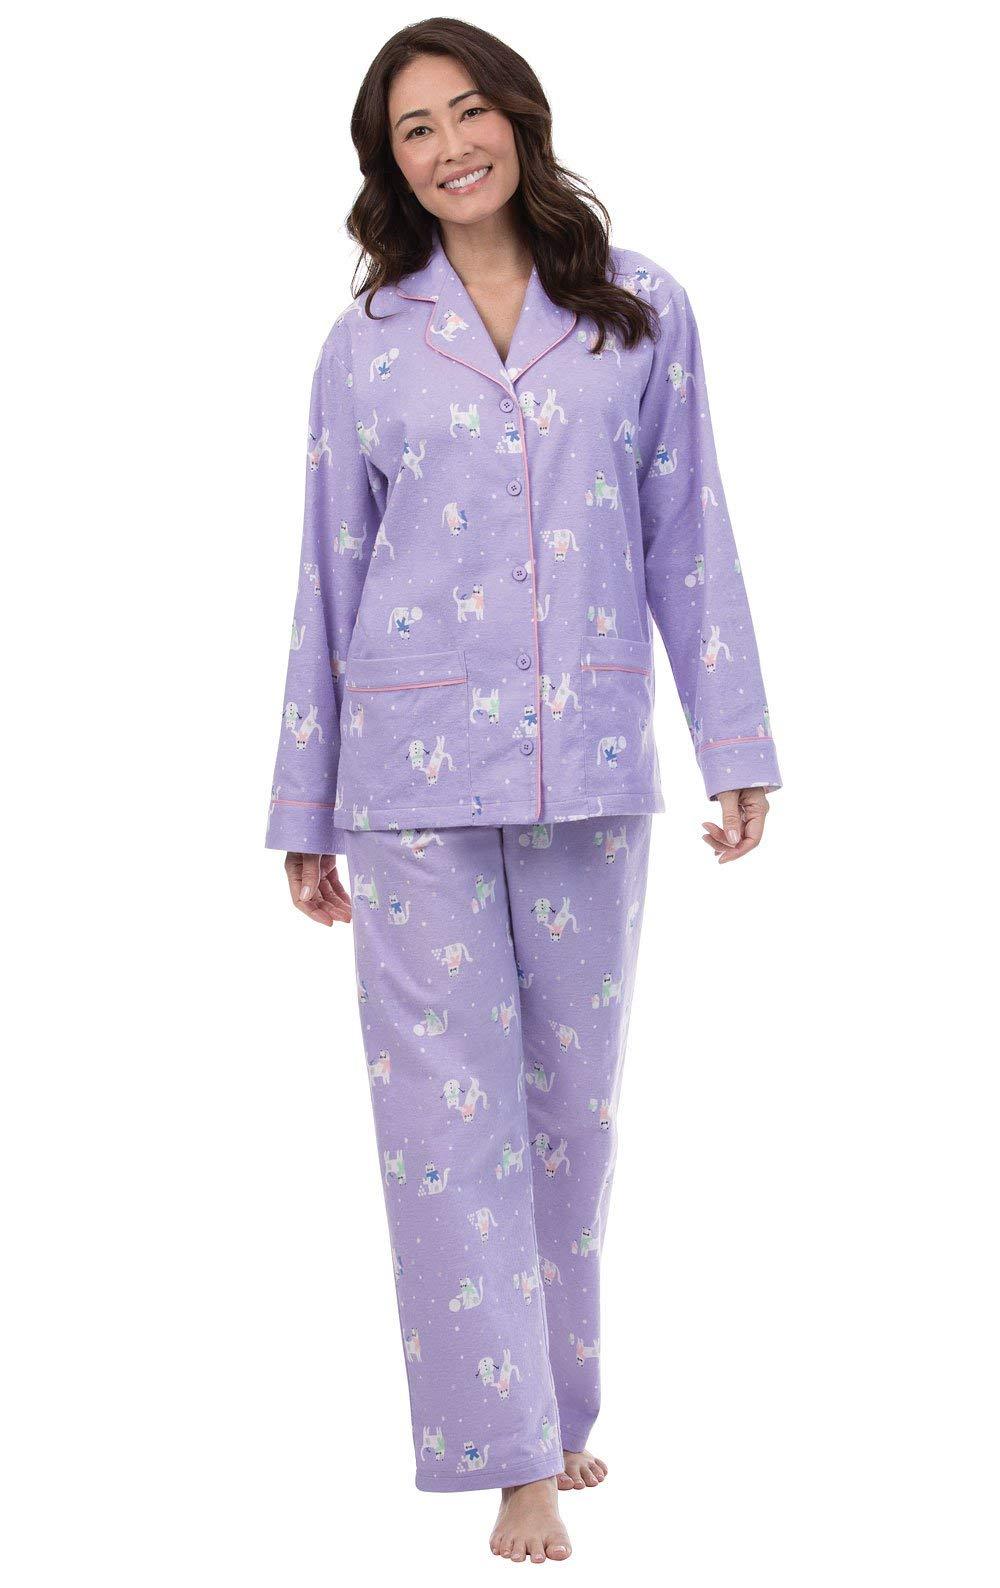 Pajamagram Flannel Pajamas Women Soft - Women'S Flannel Pajamas, Pet Lover -